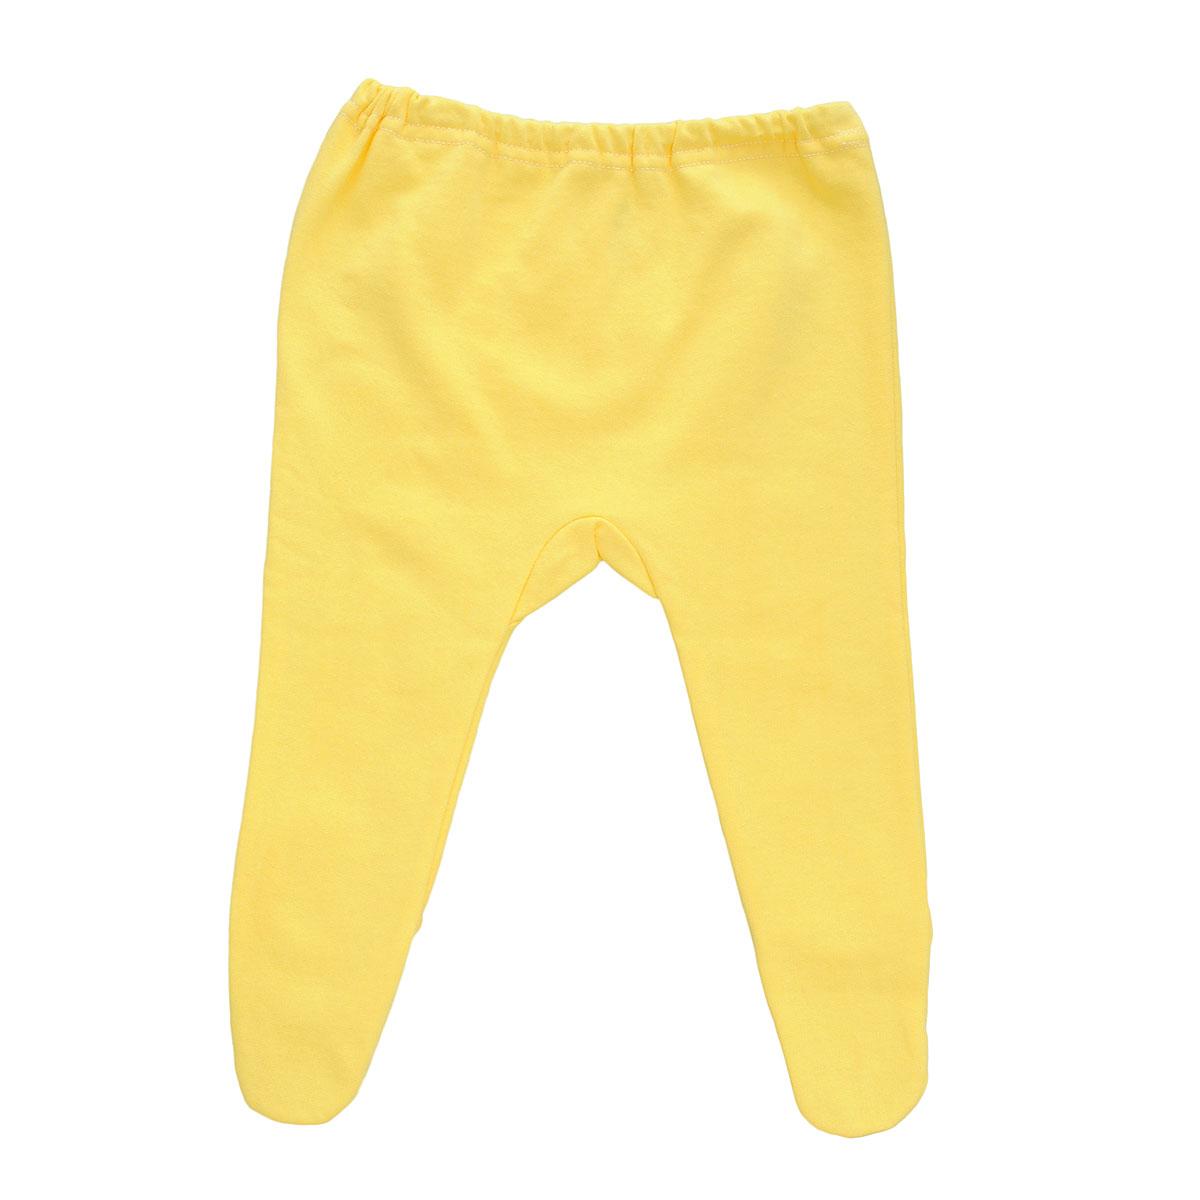 Ползунки Трон-Плюс, цвет: желтый. 5256. Размер 68, 6 месяцев5256Ползунки для новорожденного Трон-Плюс послужат идеальным дополнением к гардеробу вашего ребенка, обеспечивая ему наибольший комфорт.Модель, изготовленная из футерованного полотна - натурального хлопка, необычайно мягкая и легкая, не раздражает нежную кожу ребенка и хорошо вентилируется, а эластичные швы приятны телу малыша и не препятствуют его движениям. Теплые ползунки с закрытыми ножками благодаря мягкому эластичному поясу не сдавливают животик младенца и не сползают, идеально подходят для ношения с подгузником. Они полностью соответствуют особенностям жизни ребенка в ранний период, не стесняя и не ограничивая его в движениях.